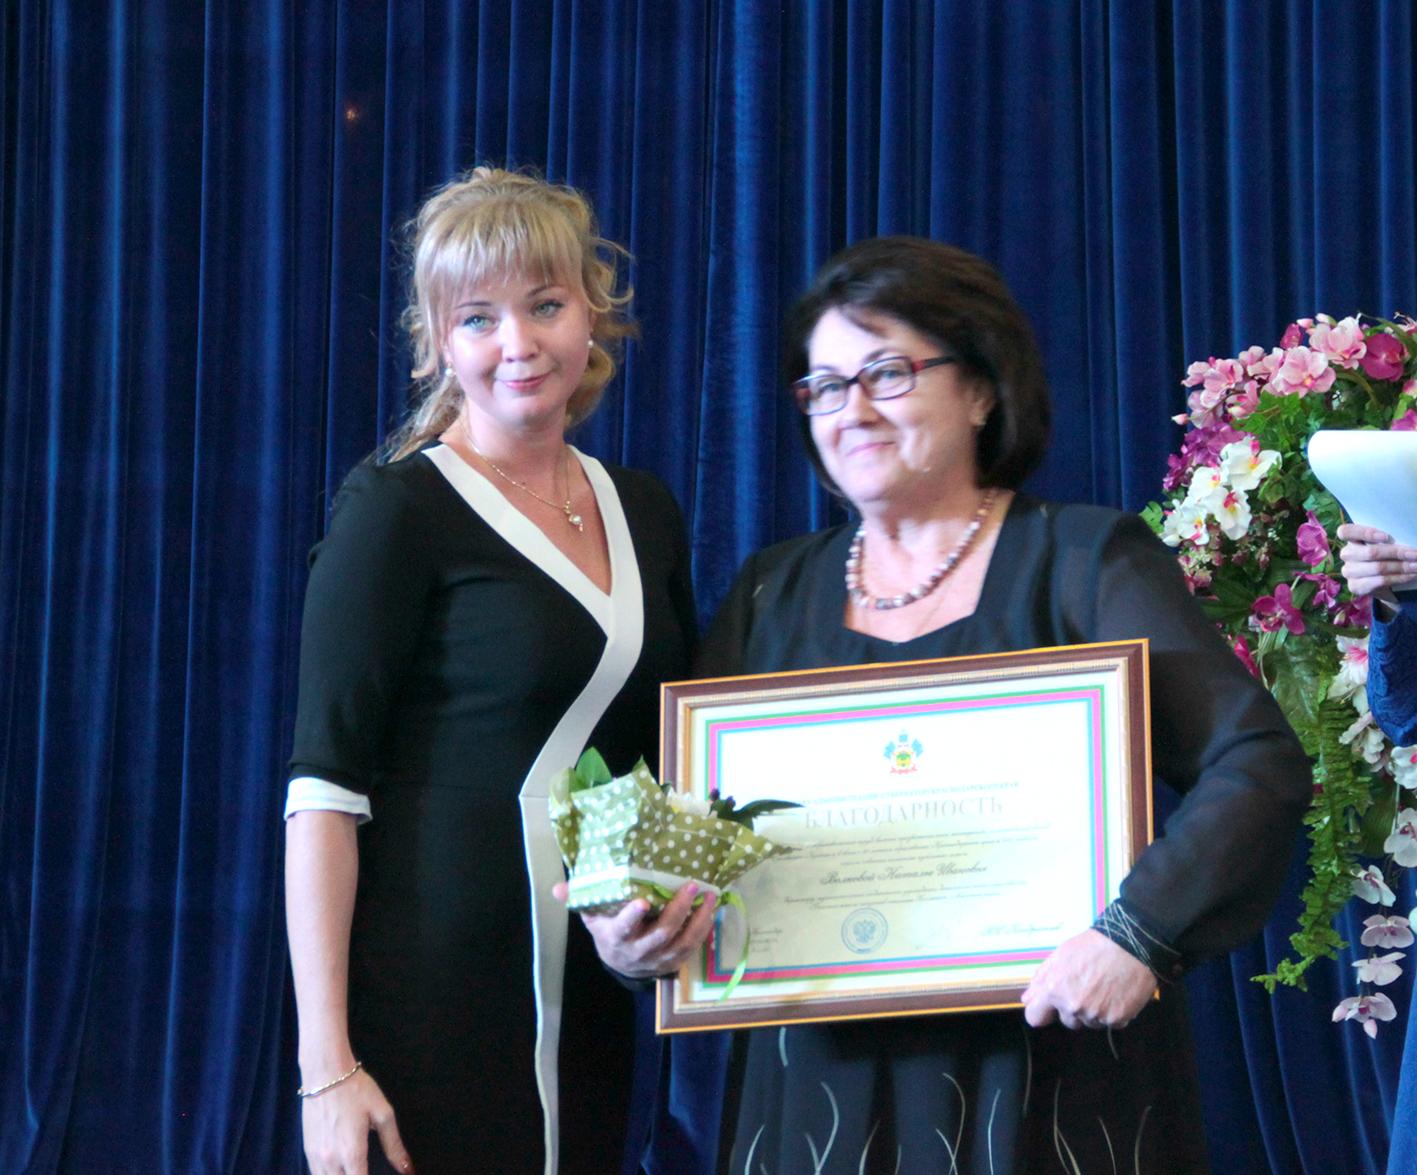 Министр культуры Краснодарского края Виктория Лапина вручила награду нашей землячке